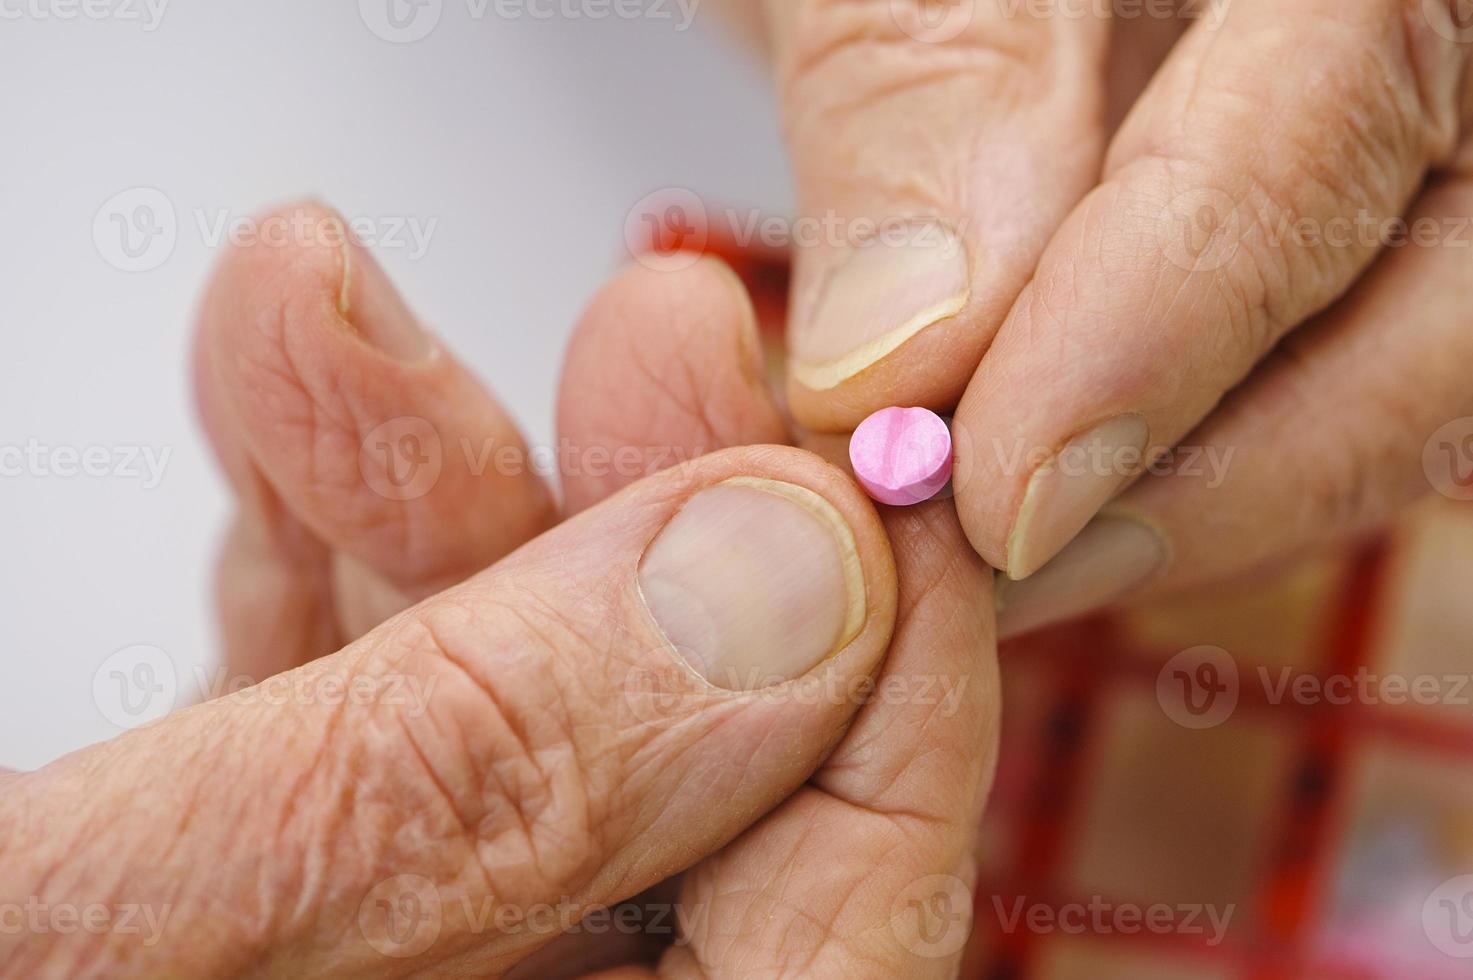 les mains âgées tiennent un comprimé rose entre les doigts photo